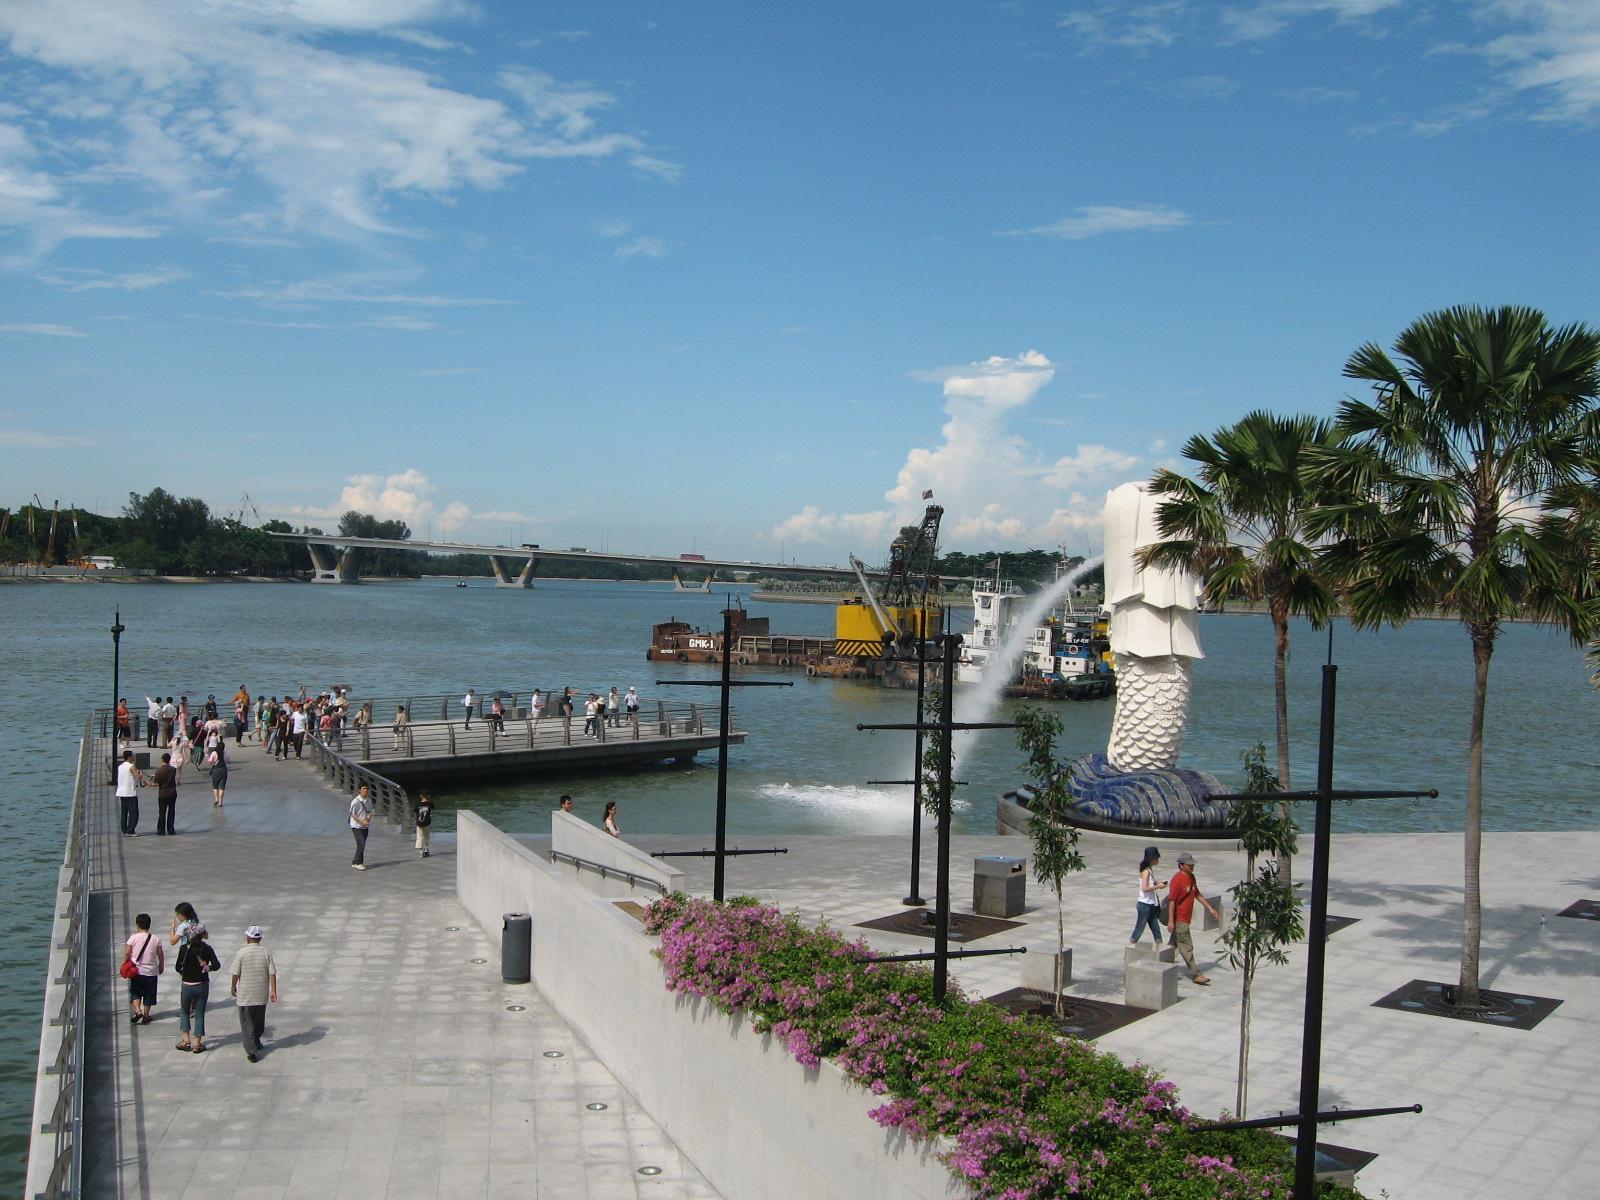 Merlion Park Singapore City 360